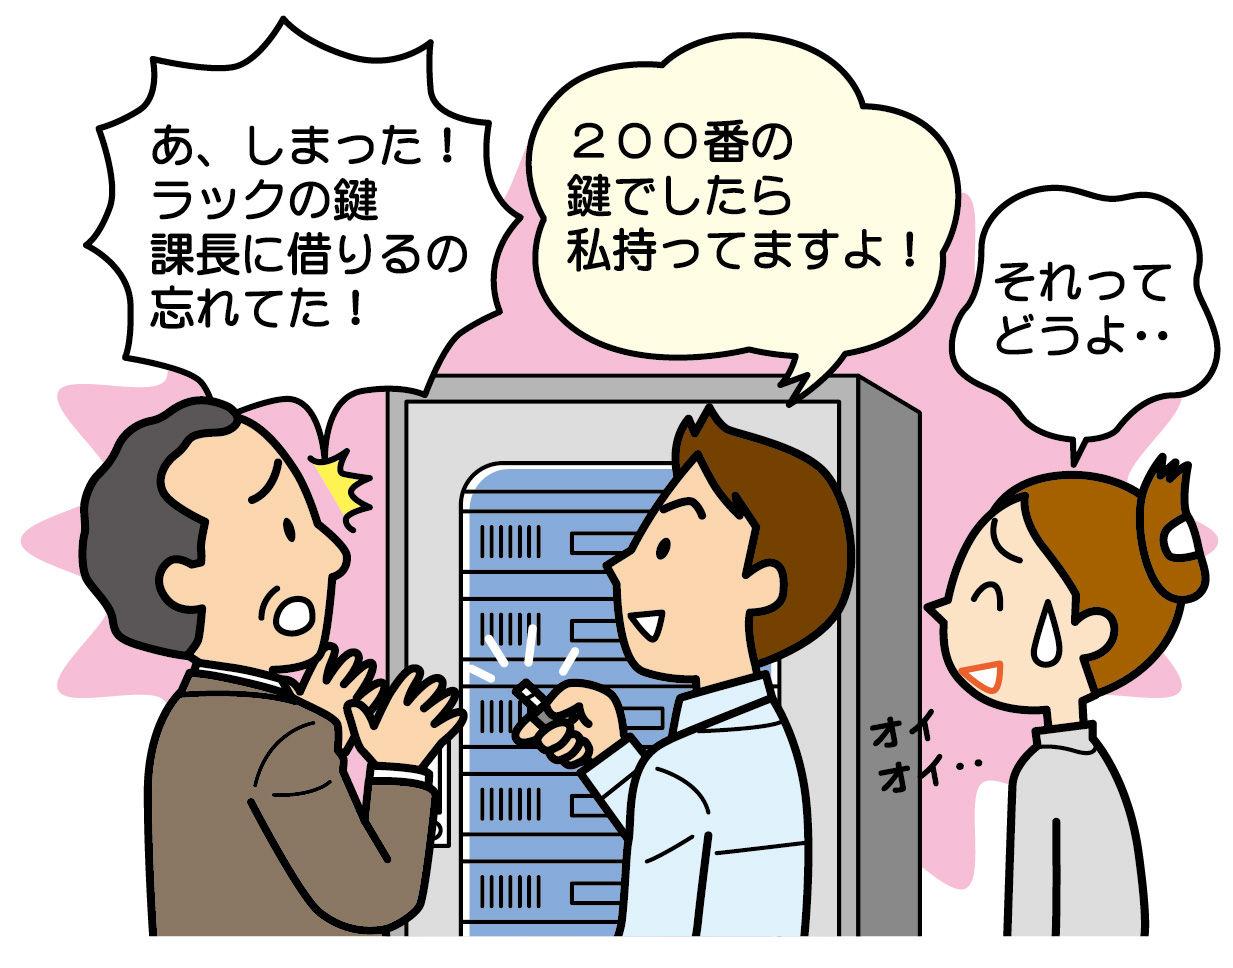 お客様の身近な相談役としてのSE(システムエンジニア) - Copyright (C) viva-se.net システムエンジニアの仕事